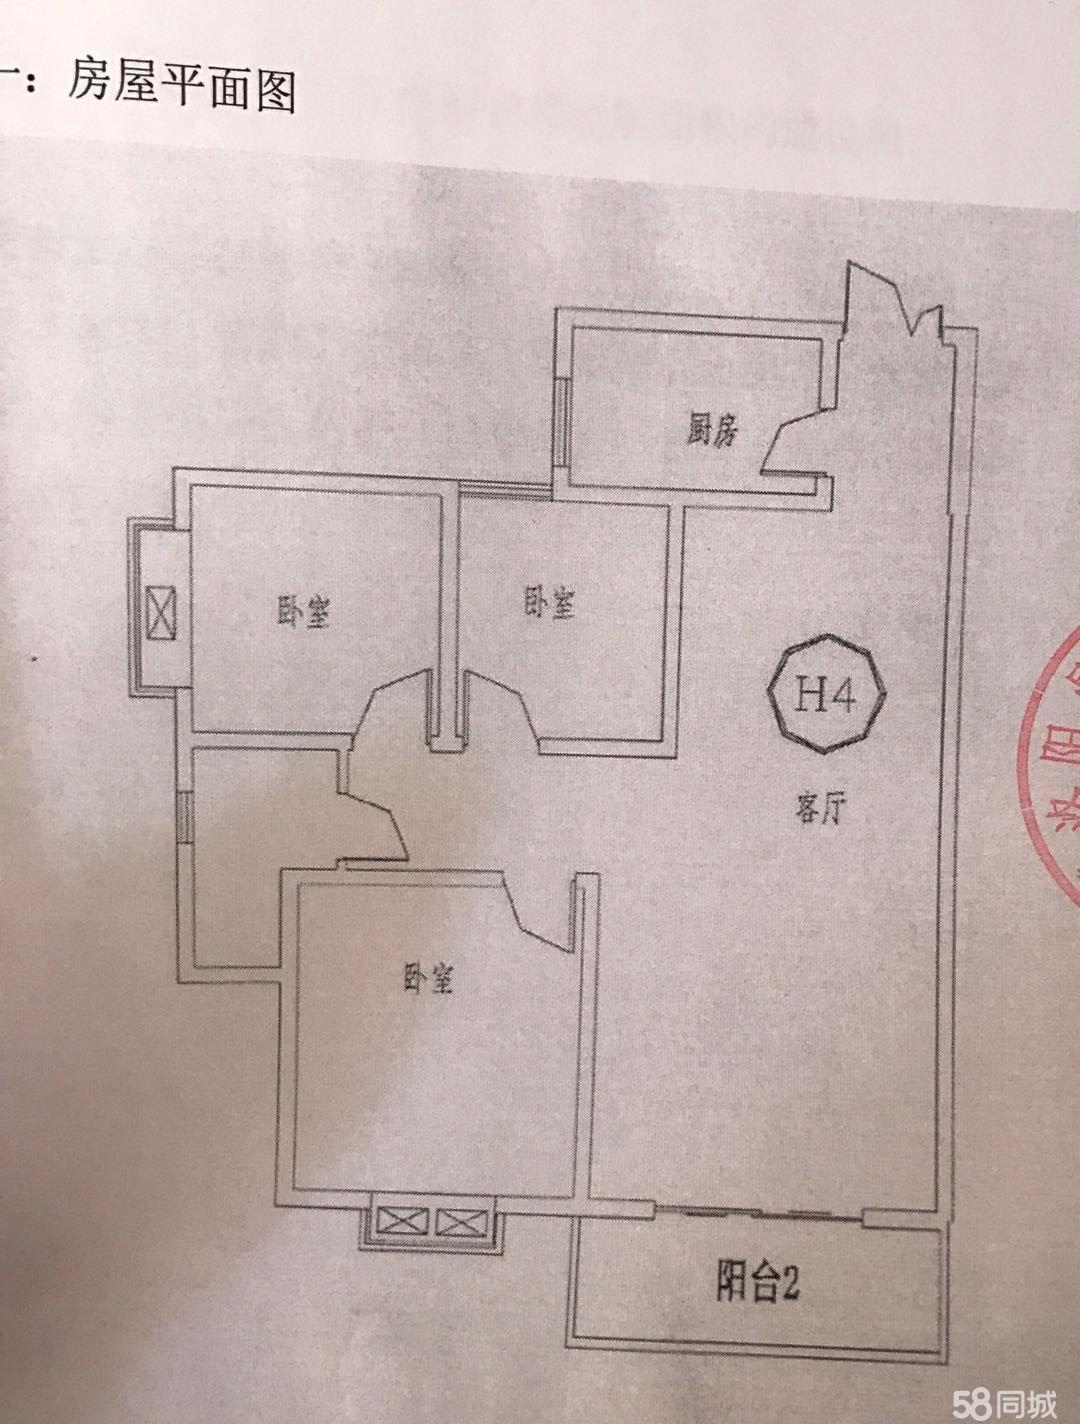 丽阳国际三室两厅一卫116平米临河观景房